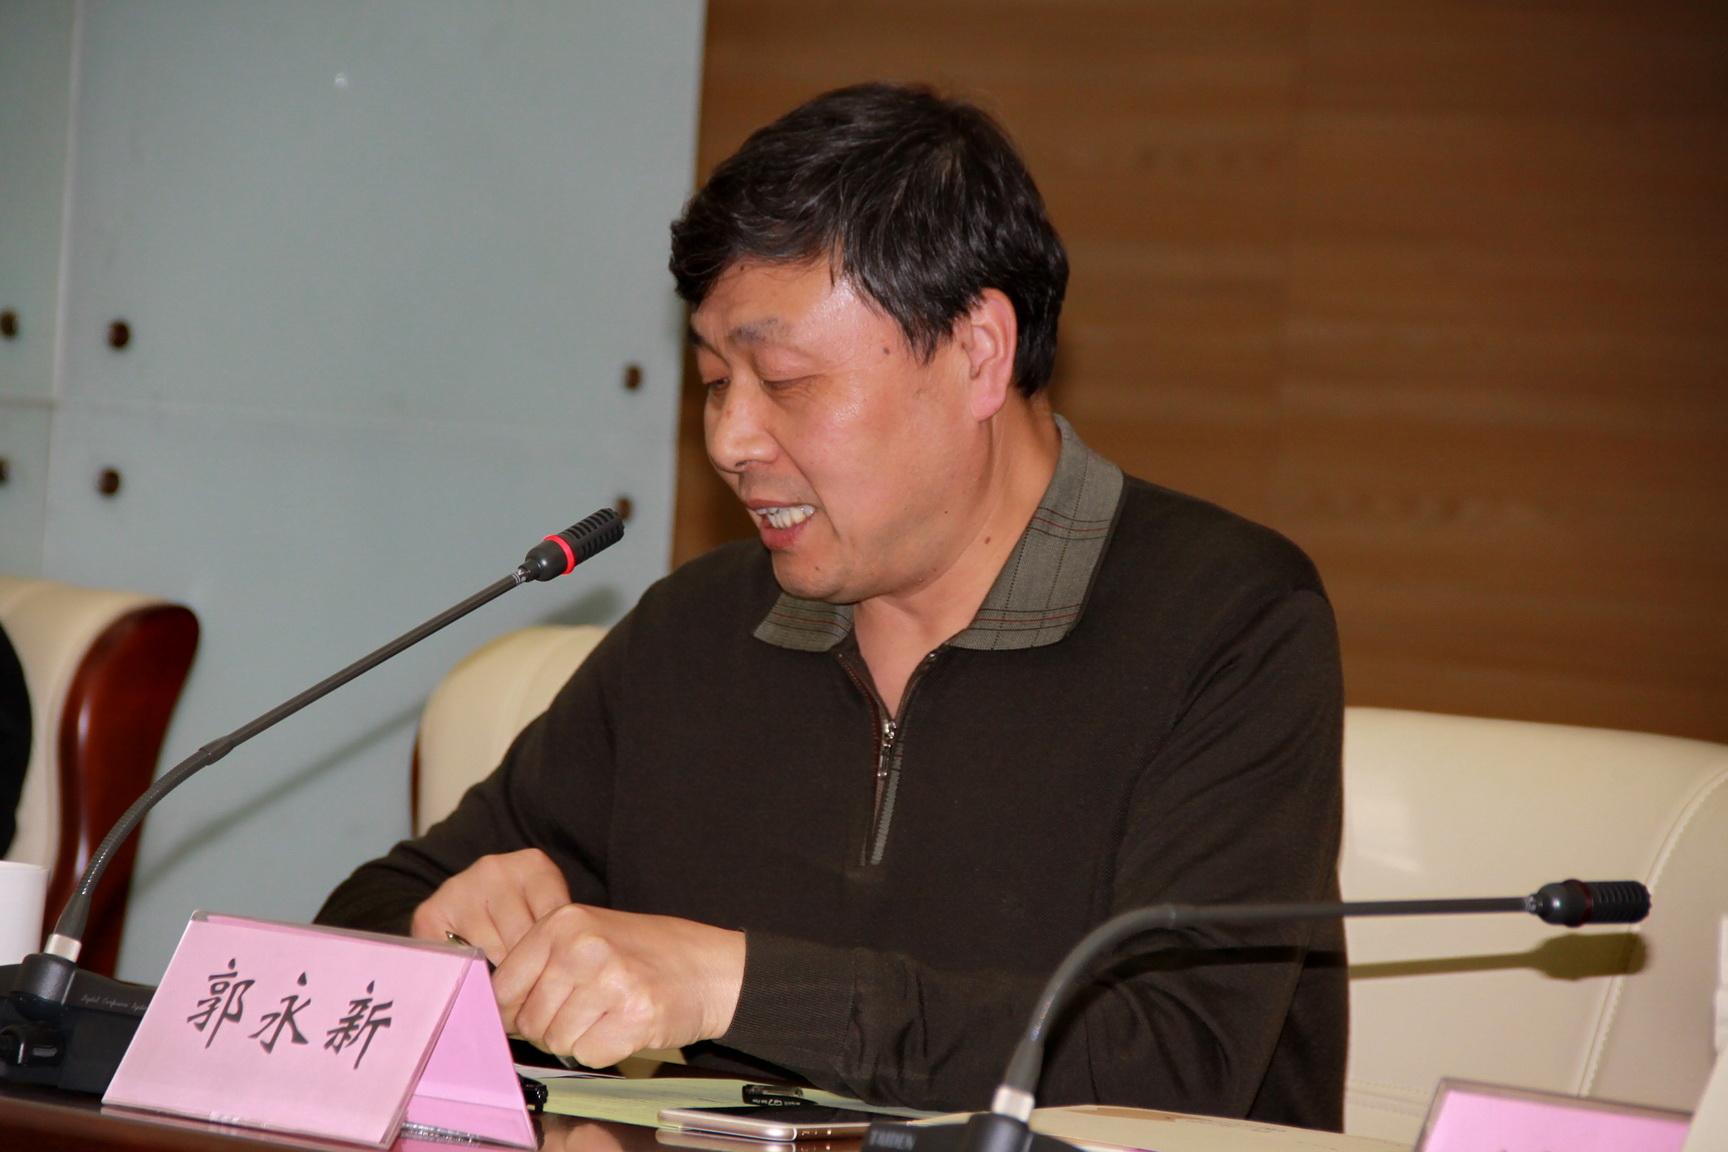 19、陕西师范大学出版总社郭永新主任在发言.JPG